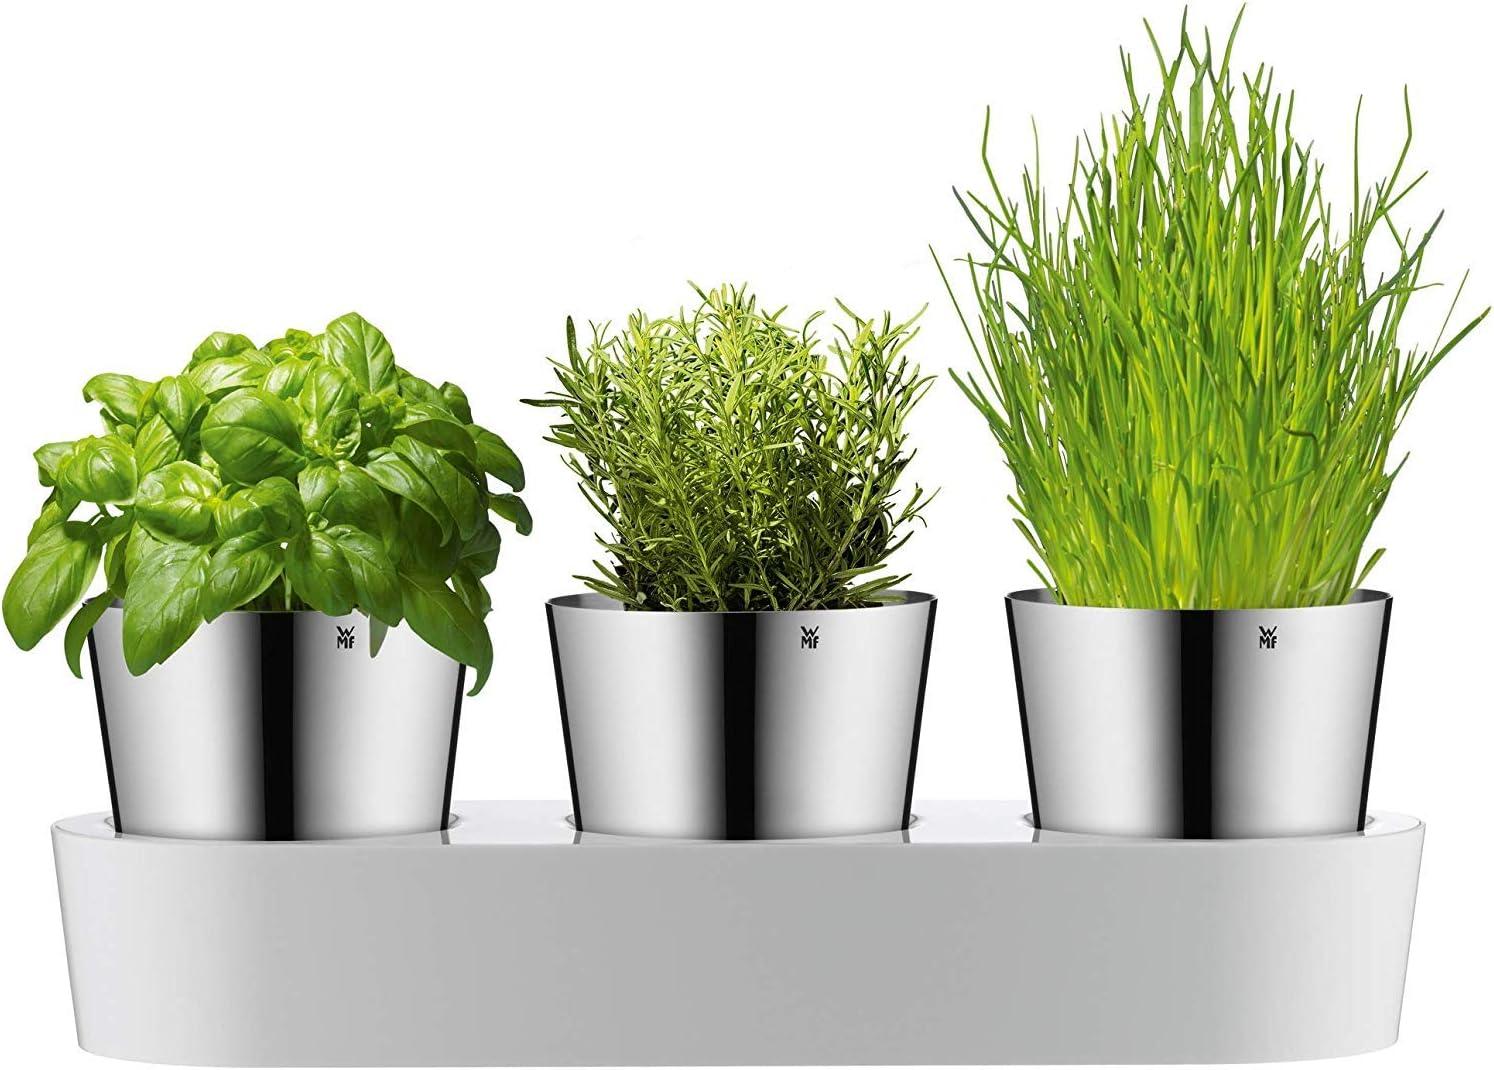 WMF Gourmet Kräutertopf mit Bewässerungssystem 17-teilig, Kräutergarten für  die Küche, 176x 17,17x 17,17 cm, für frische Küchenkräuter, weiß